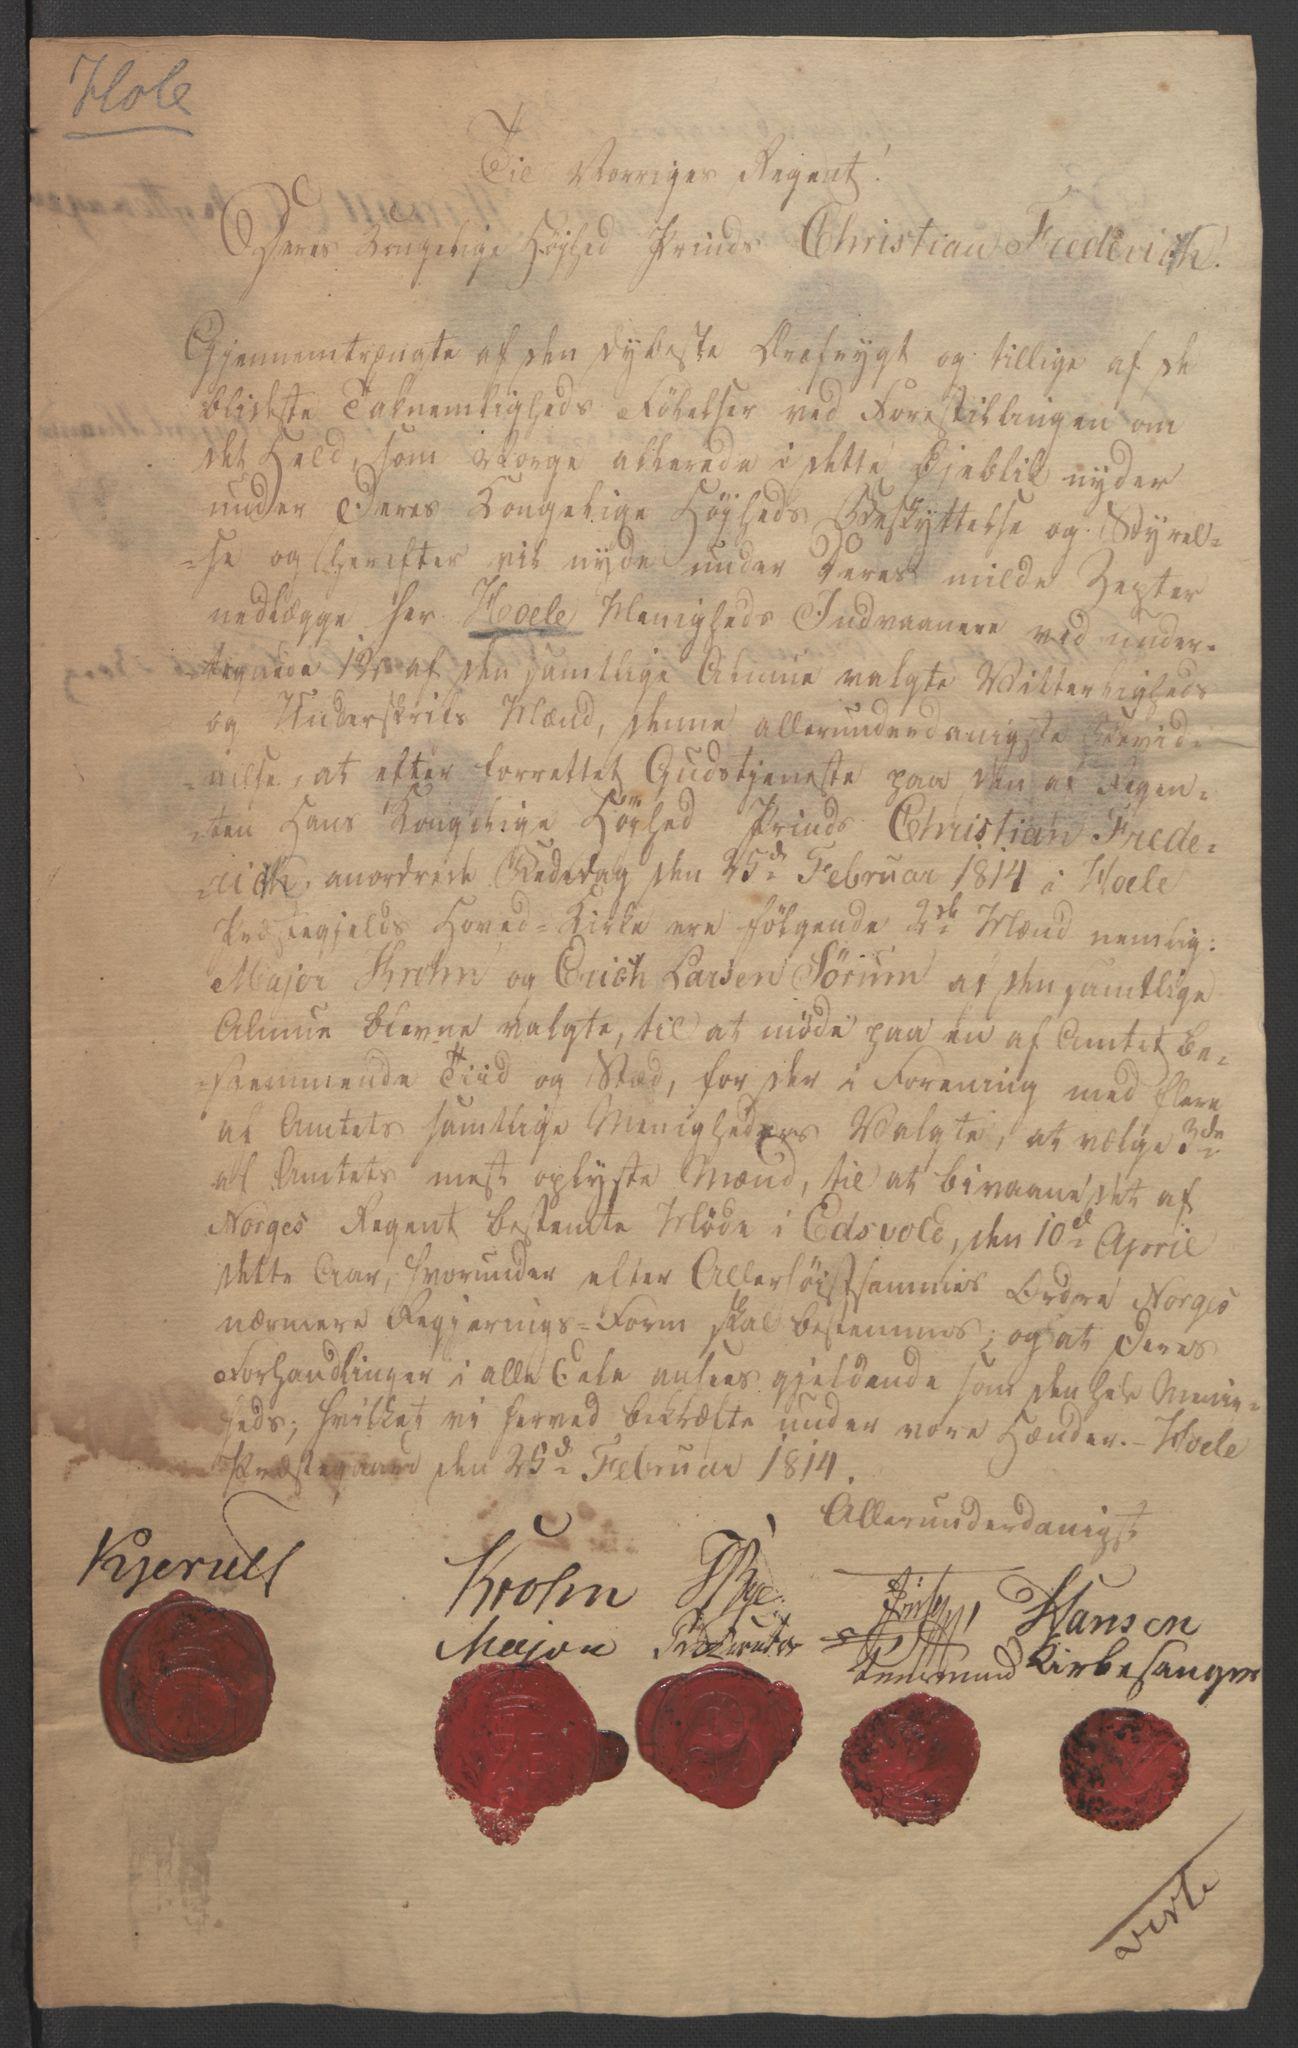 RA, Statsrådssekretariatet, D/Db/L0007: Fullmakter for Eidsvollsrepresentantene i 1814. , 1814, s. 314